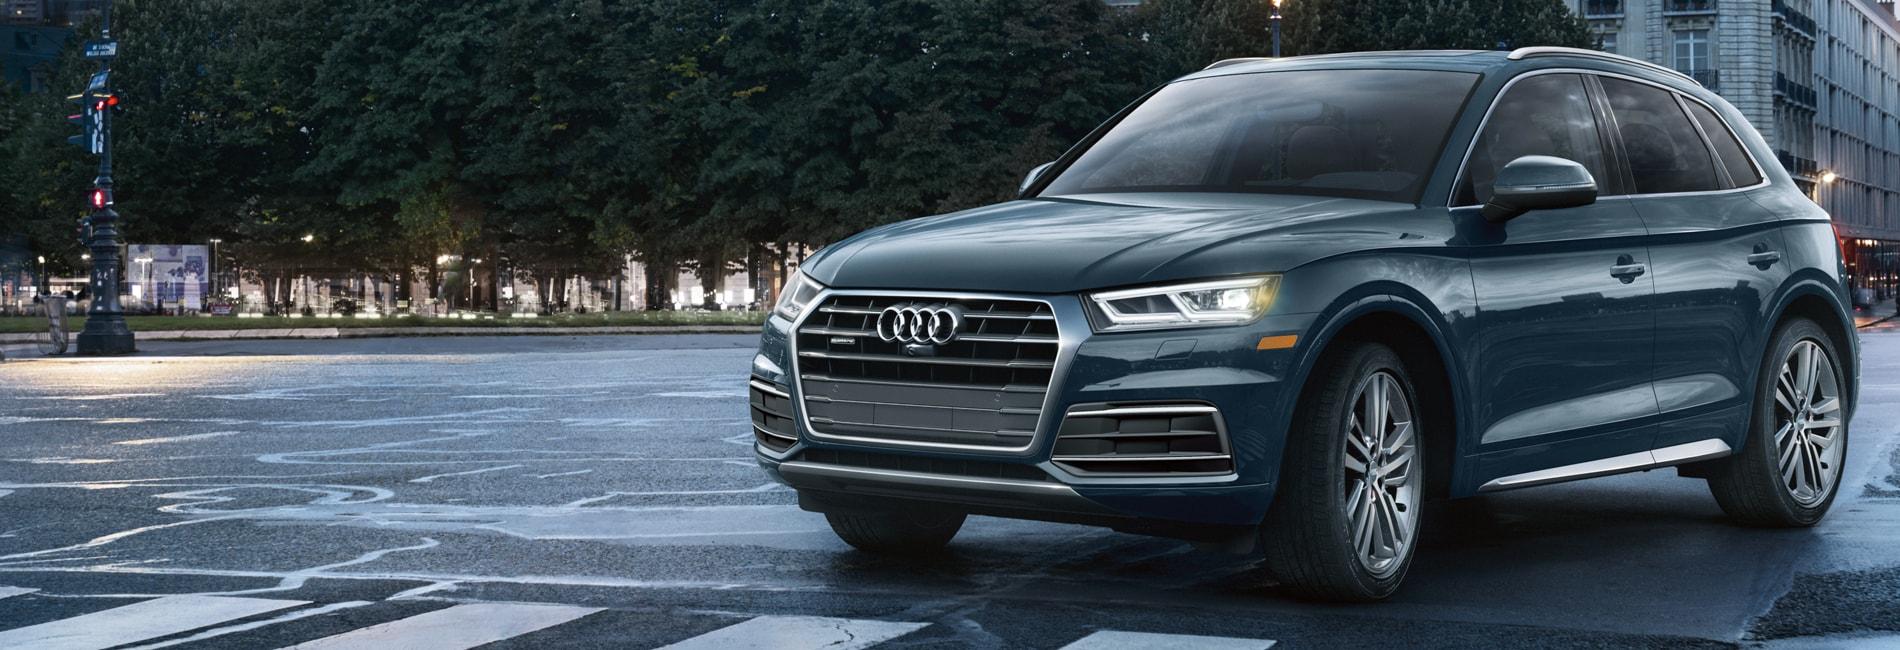 Audi Q5 Exterior Features